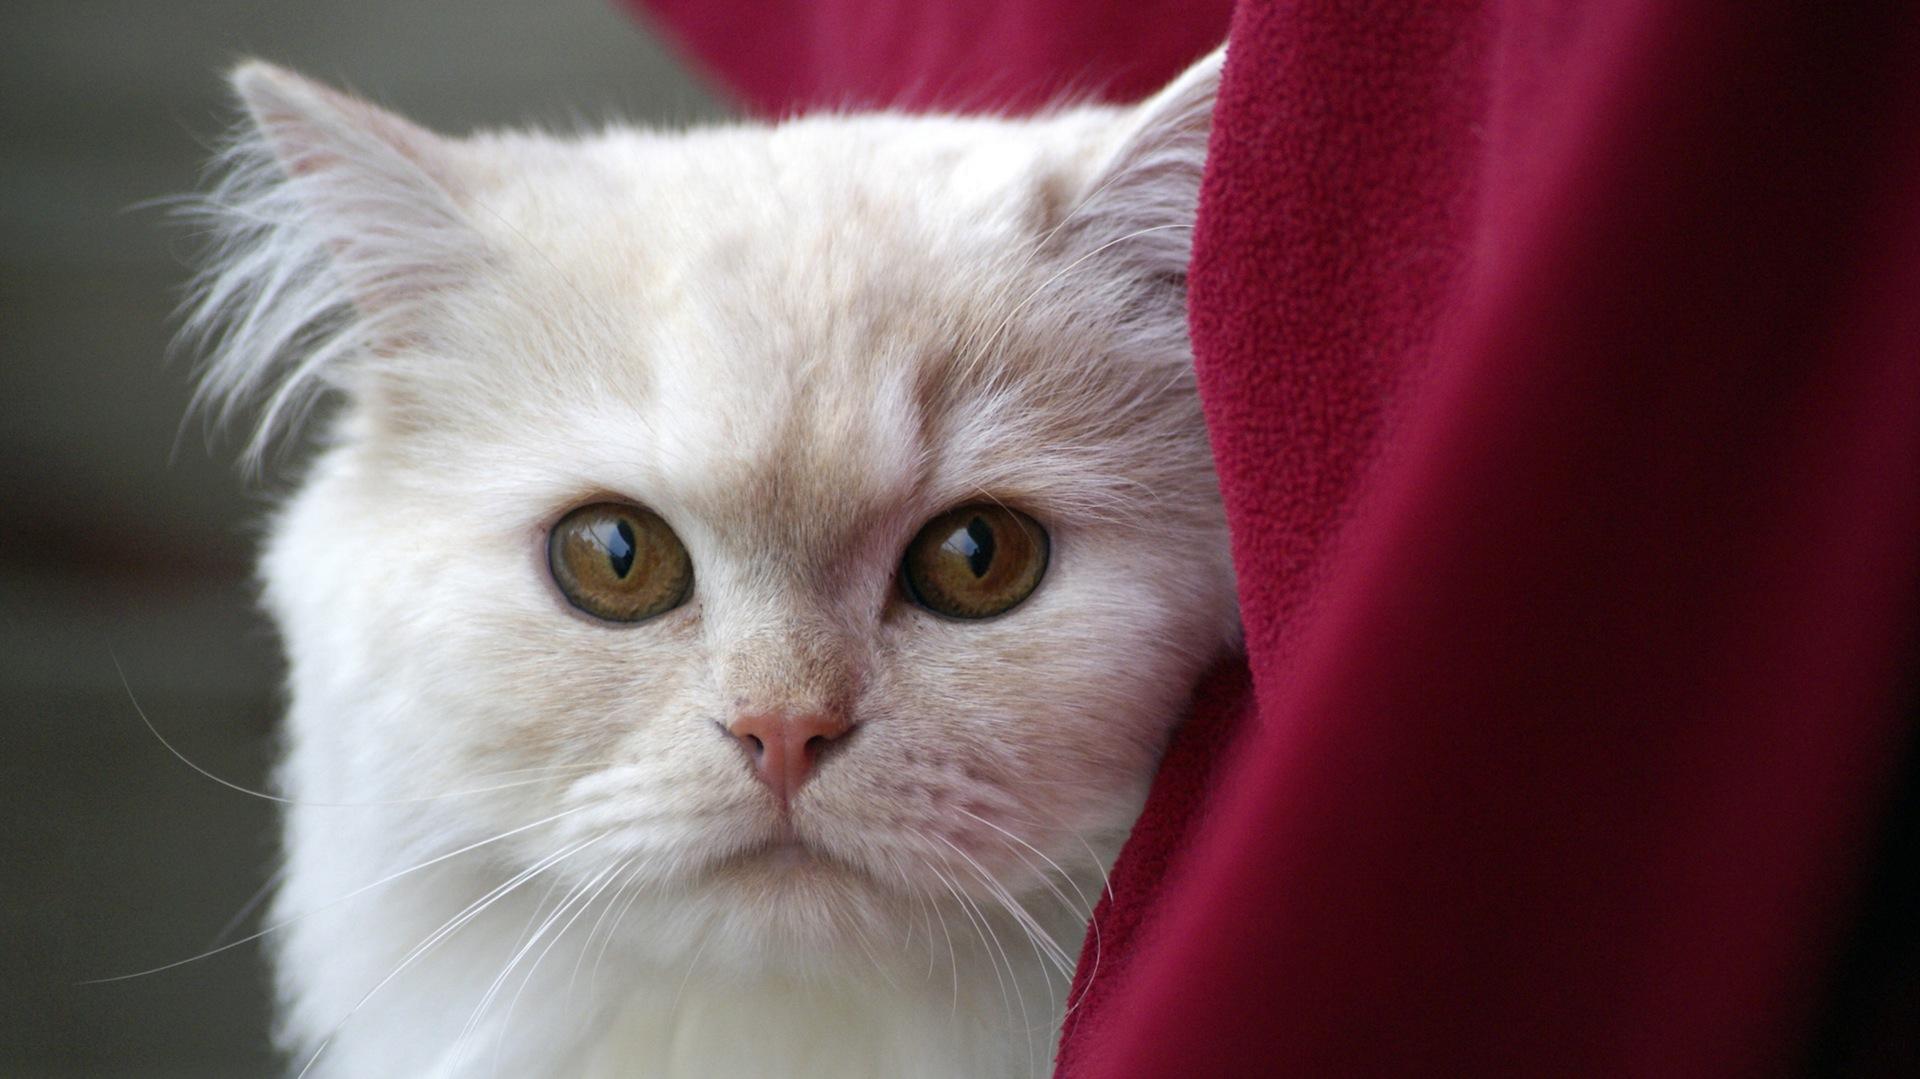 gatto, Animale domestico, occhi, sguardo, Bianco - Sfondi HD - Professor-falken.com